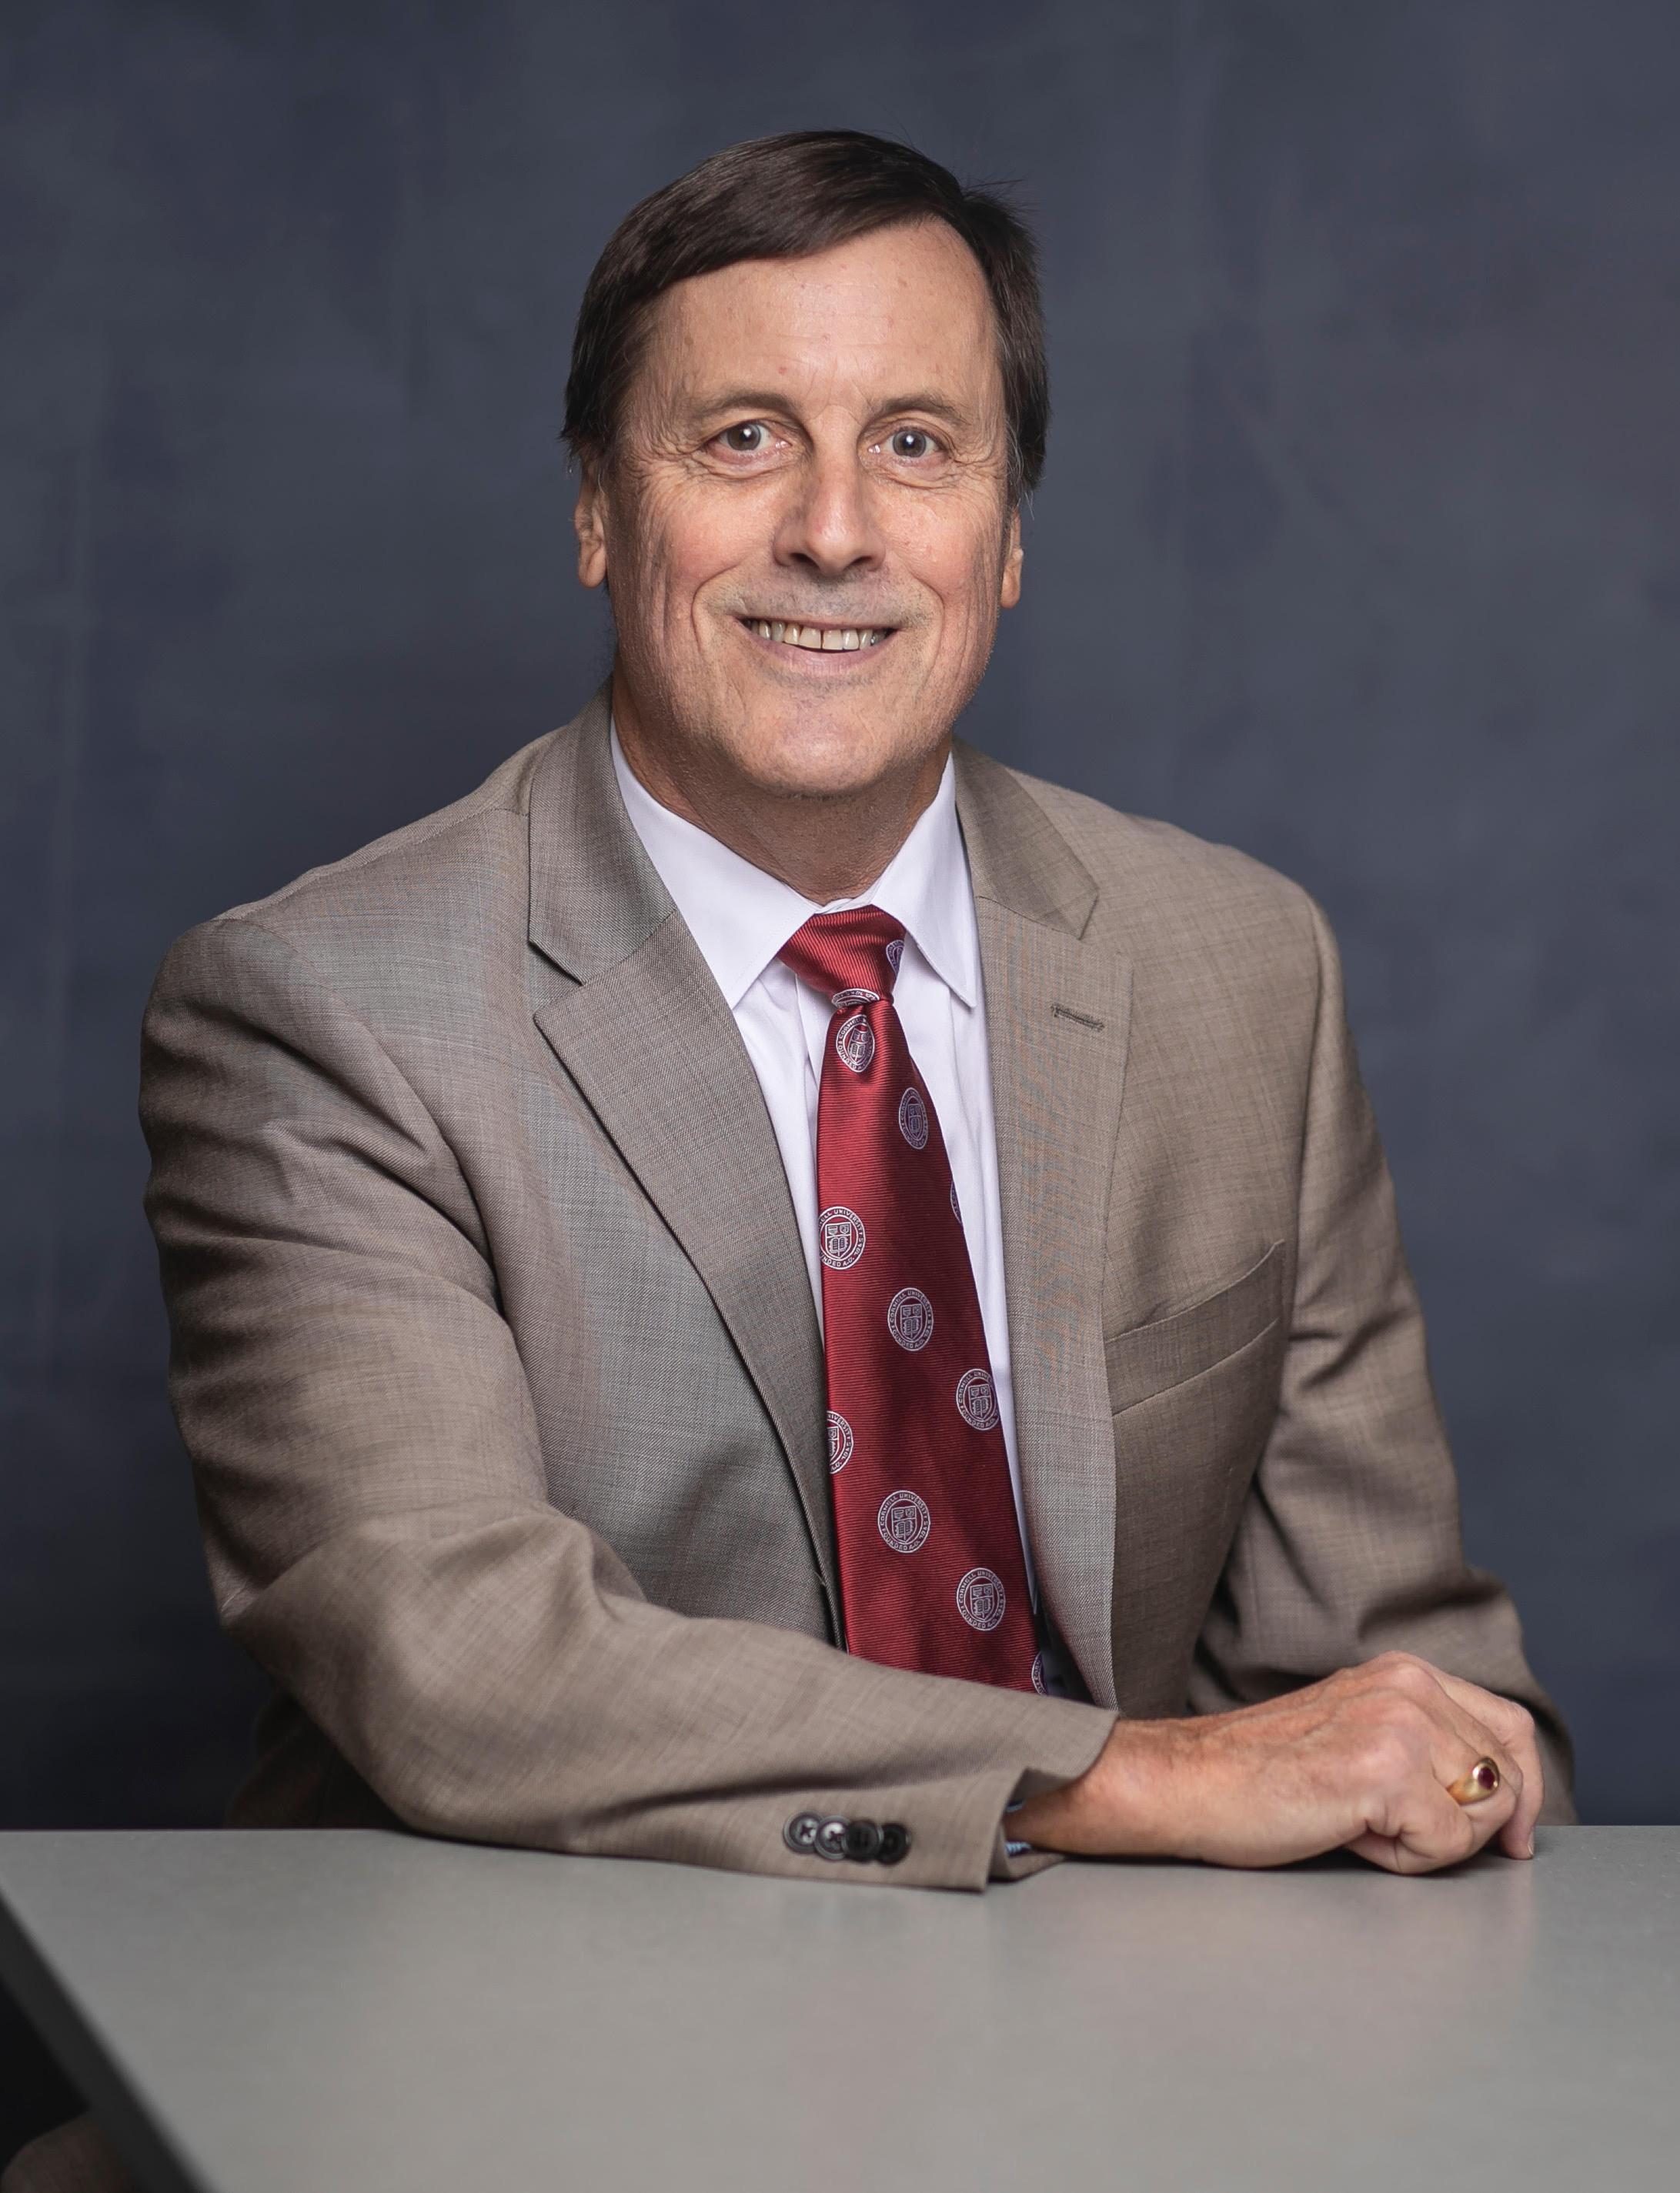 Dr. Harry M. Kaiser